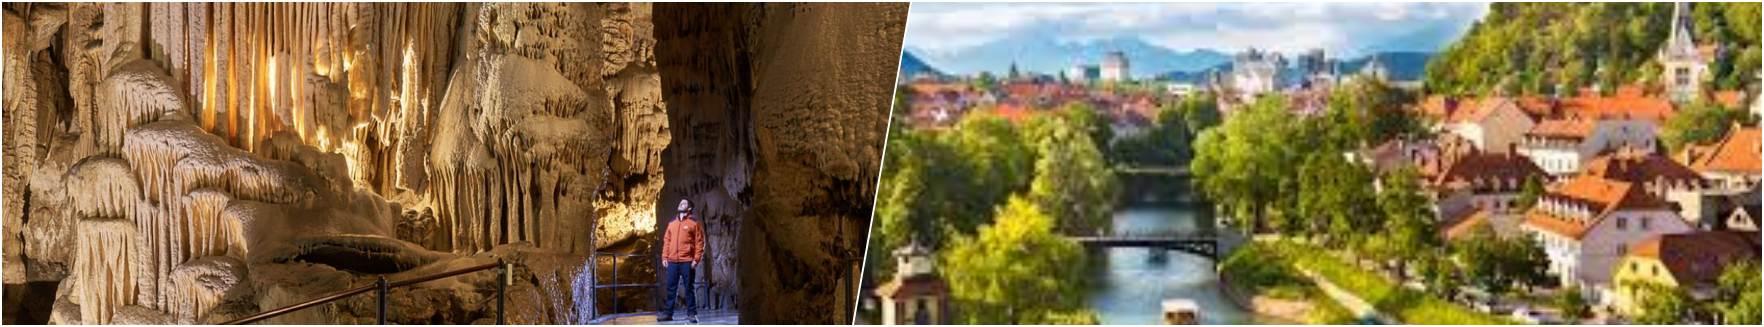 Postojna Caves - Ljubljana